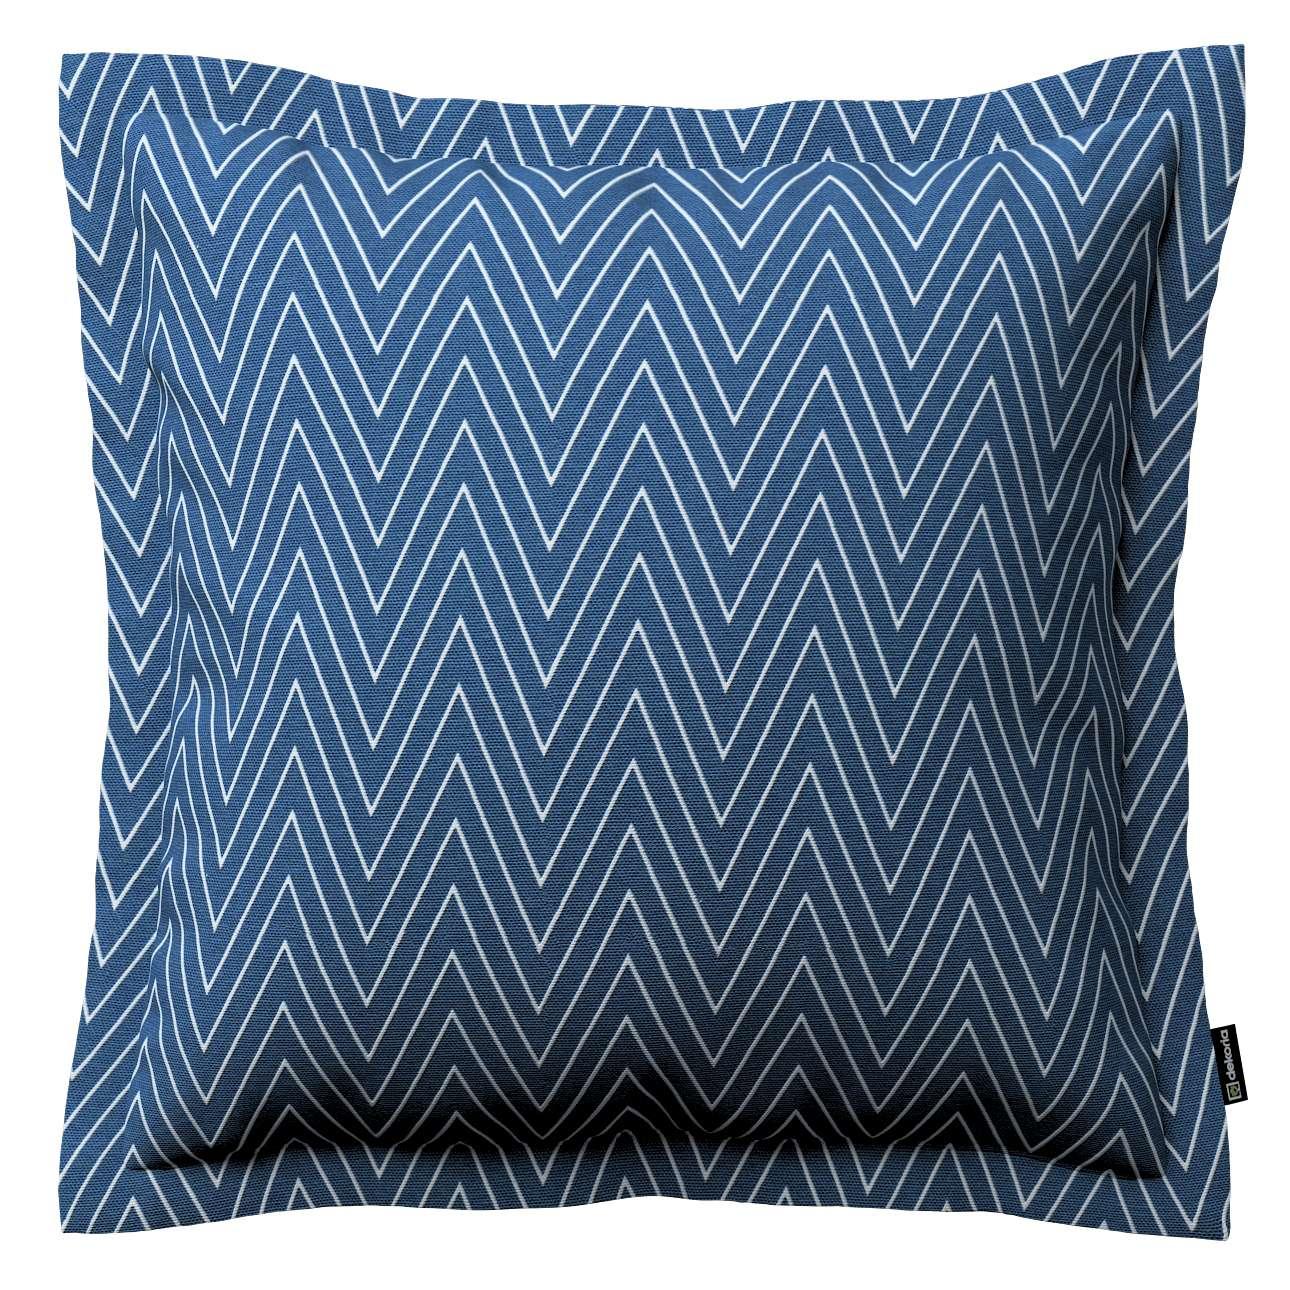 Mona dekoratyvinių pagalvėlių užvalkalas su sienele 45 x 45cm kolekcijoje Brooklyn, audinys: 137-88